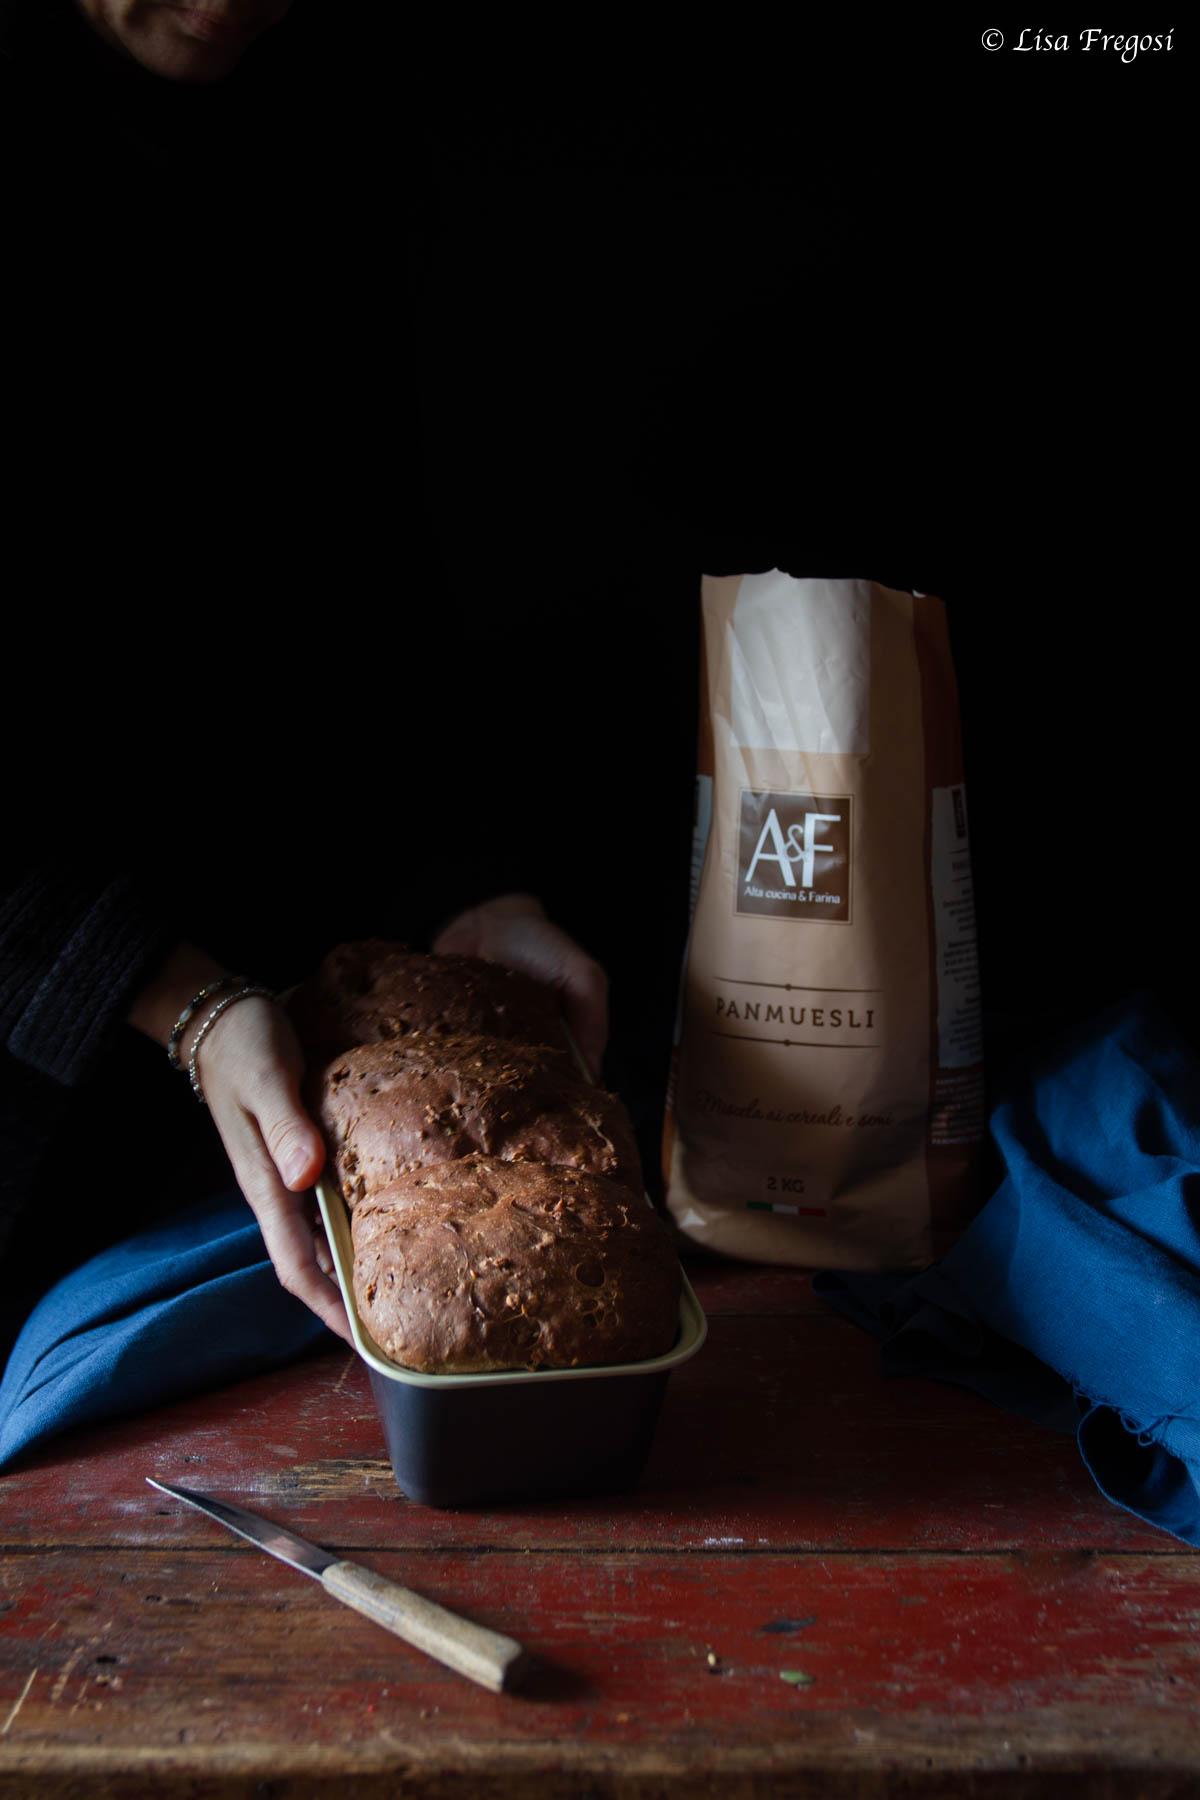 pane muesli per colazione